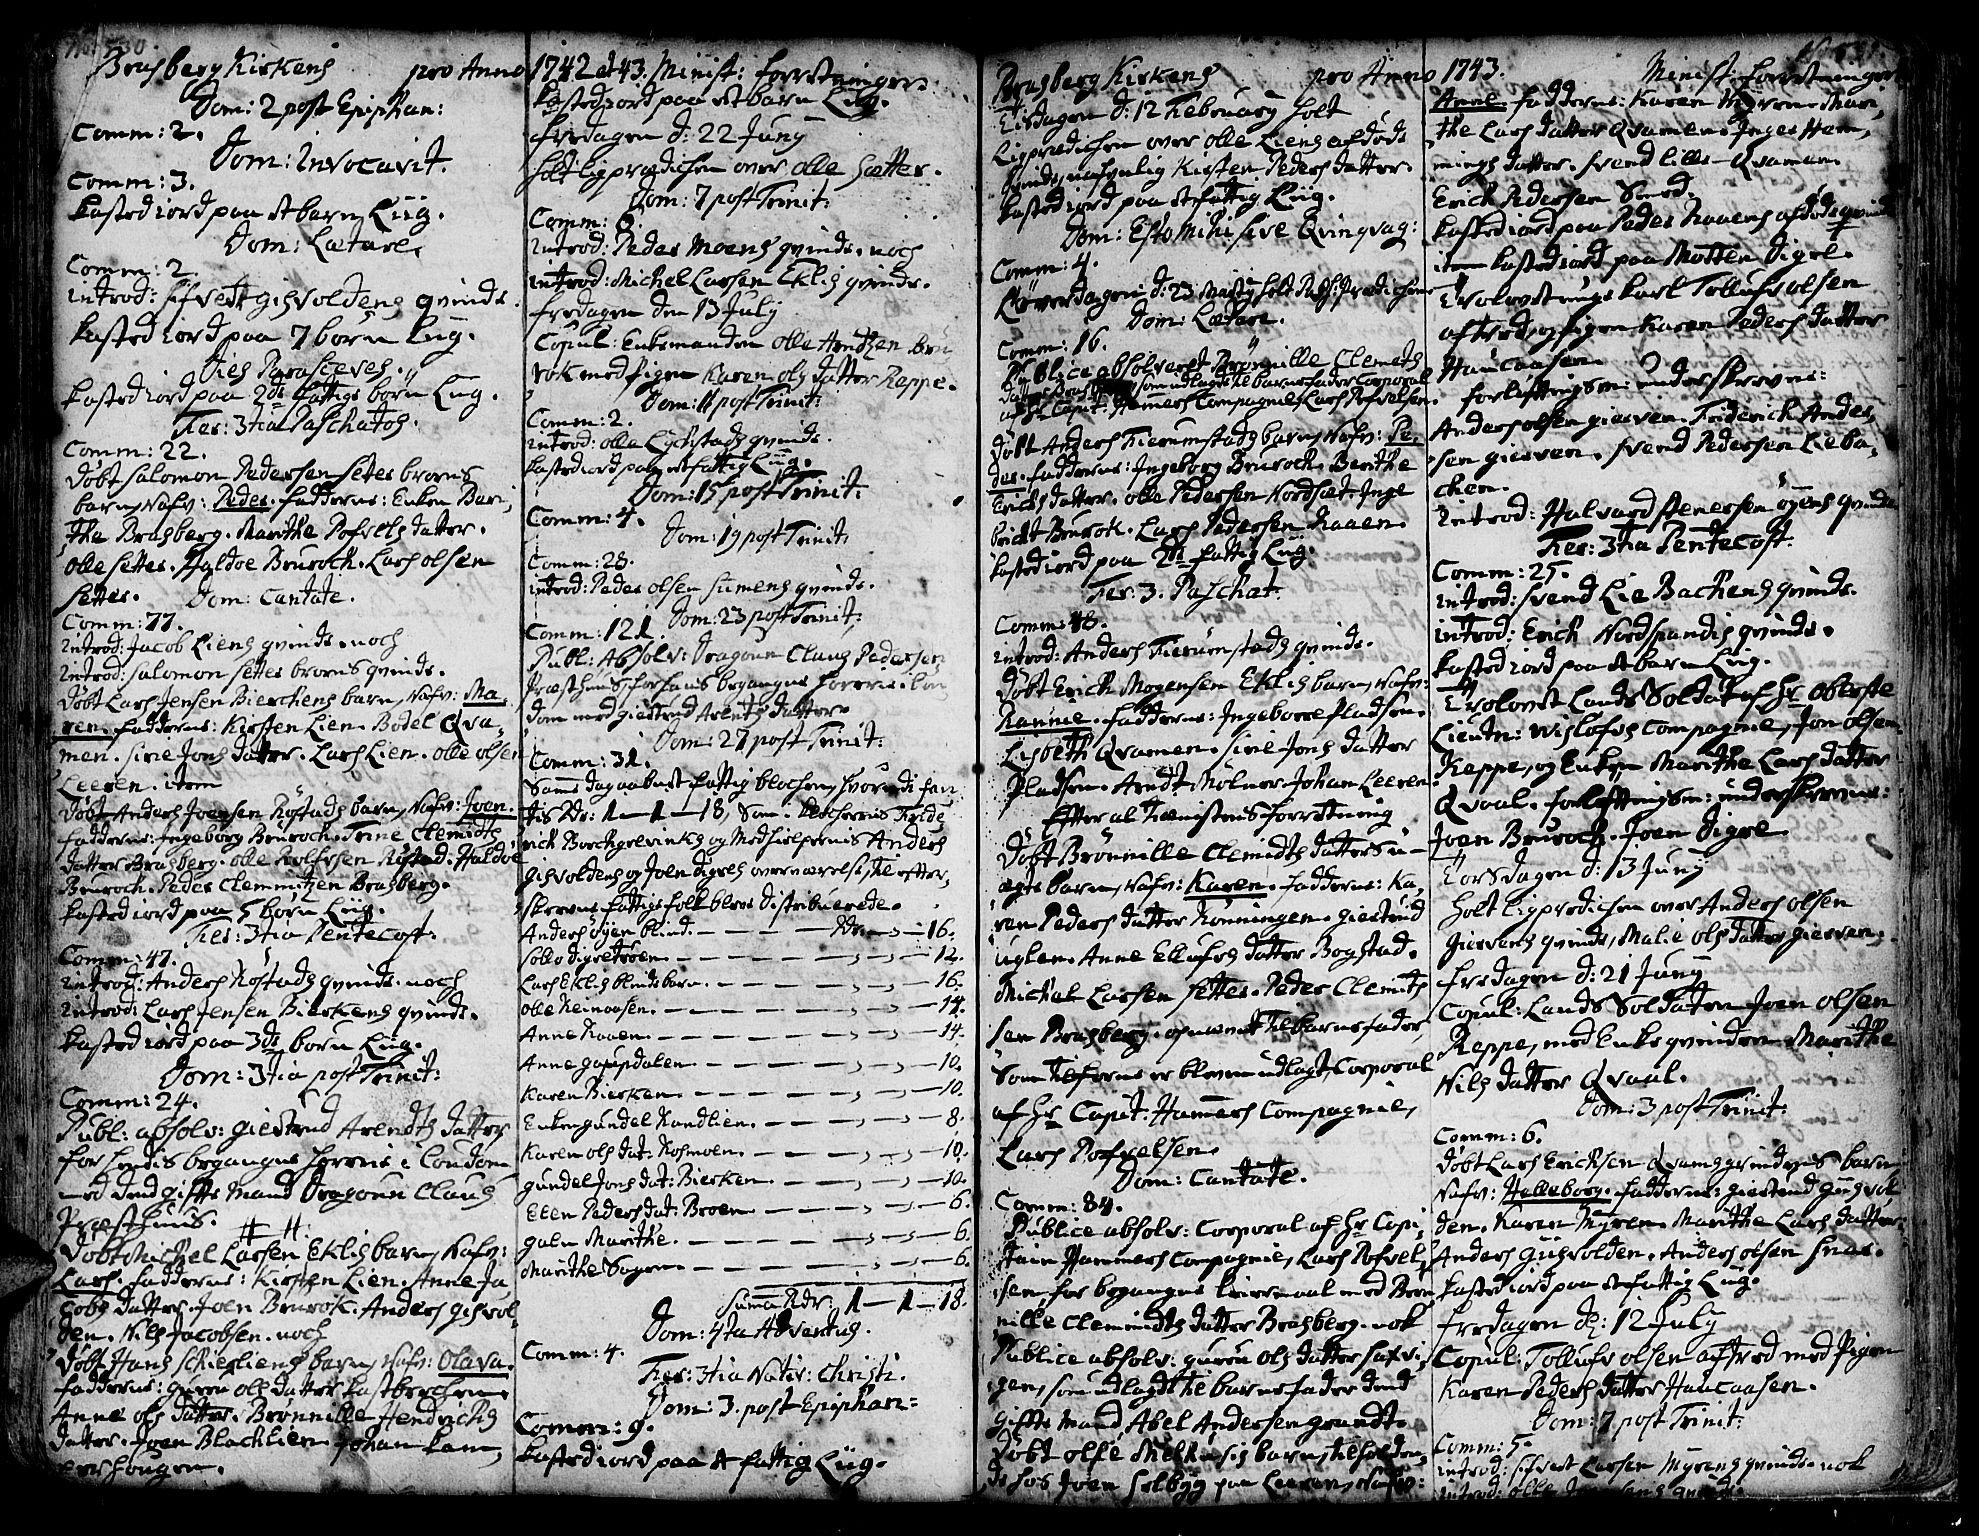 SAT, Ministerialprotokoller, klokkerbøker og fødselsregistre - Sør-Trøndelag, 606/L0278: Ministerialbok nr. 606A01 /4, 1727-1780, s. 530-531